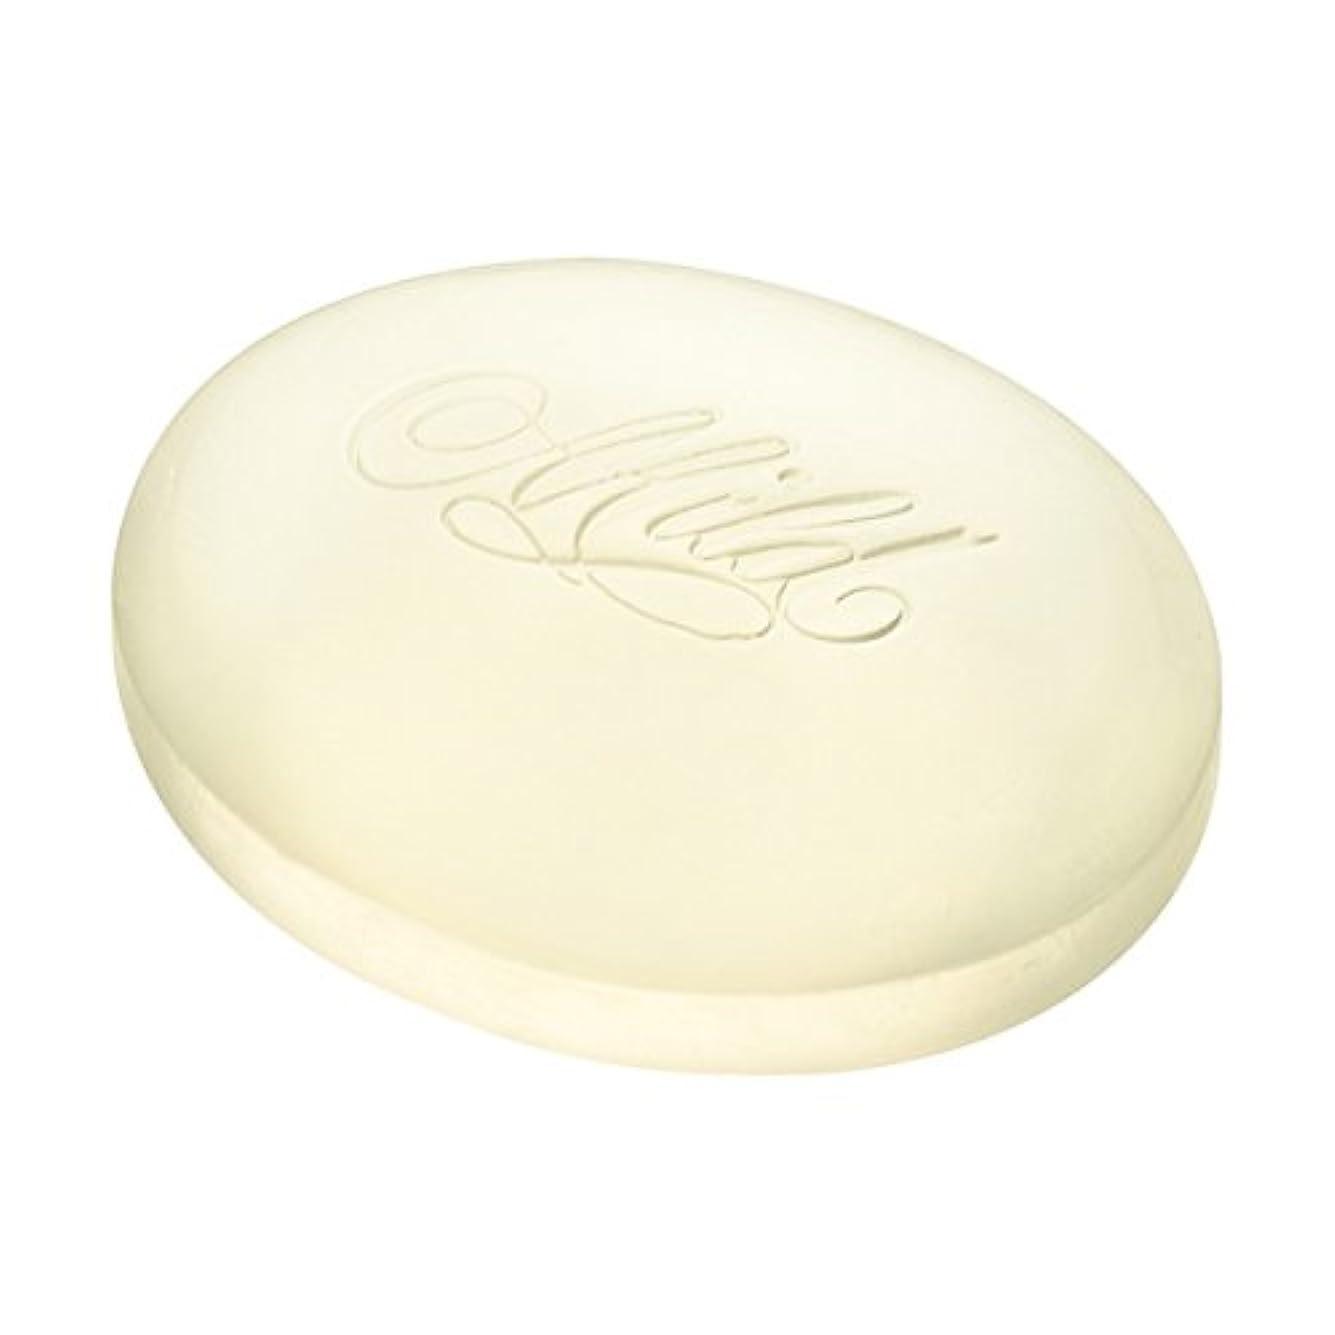 スリットつばパイル資生堂 マイルドケーキ 標準重量100g